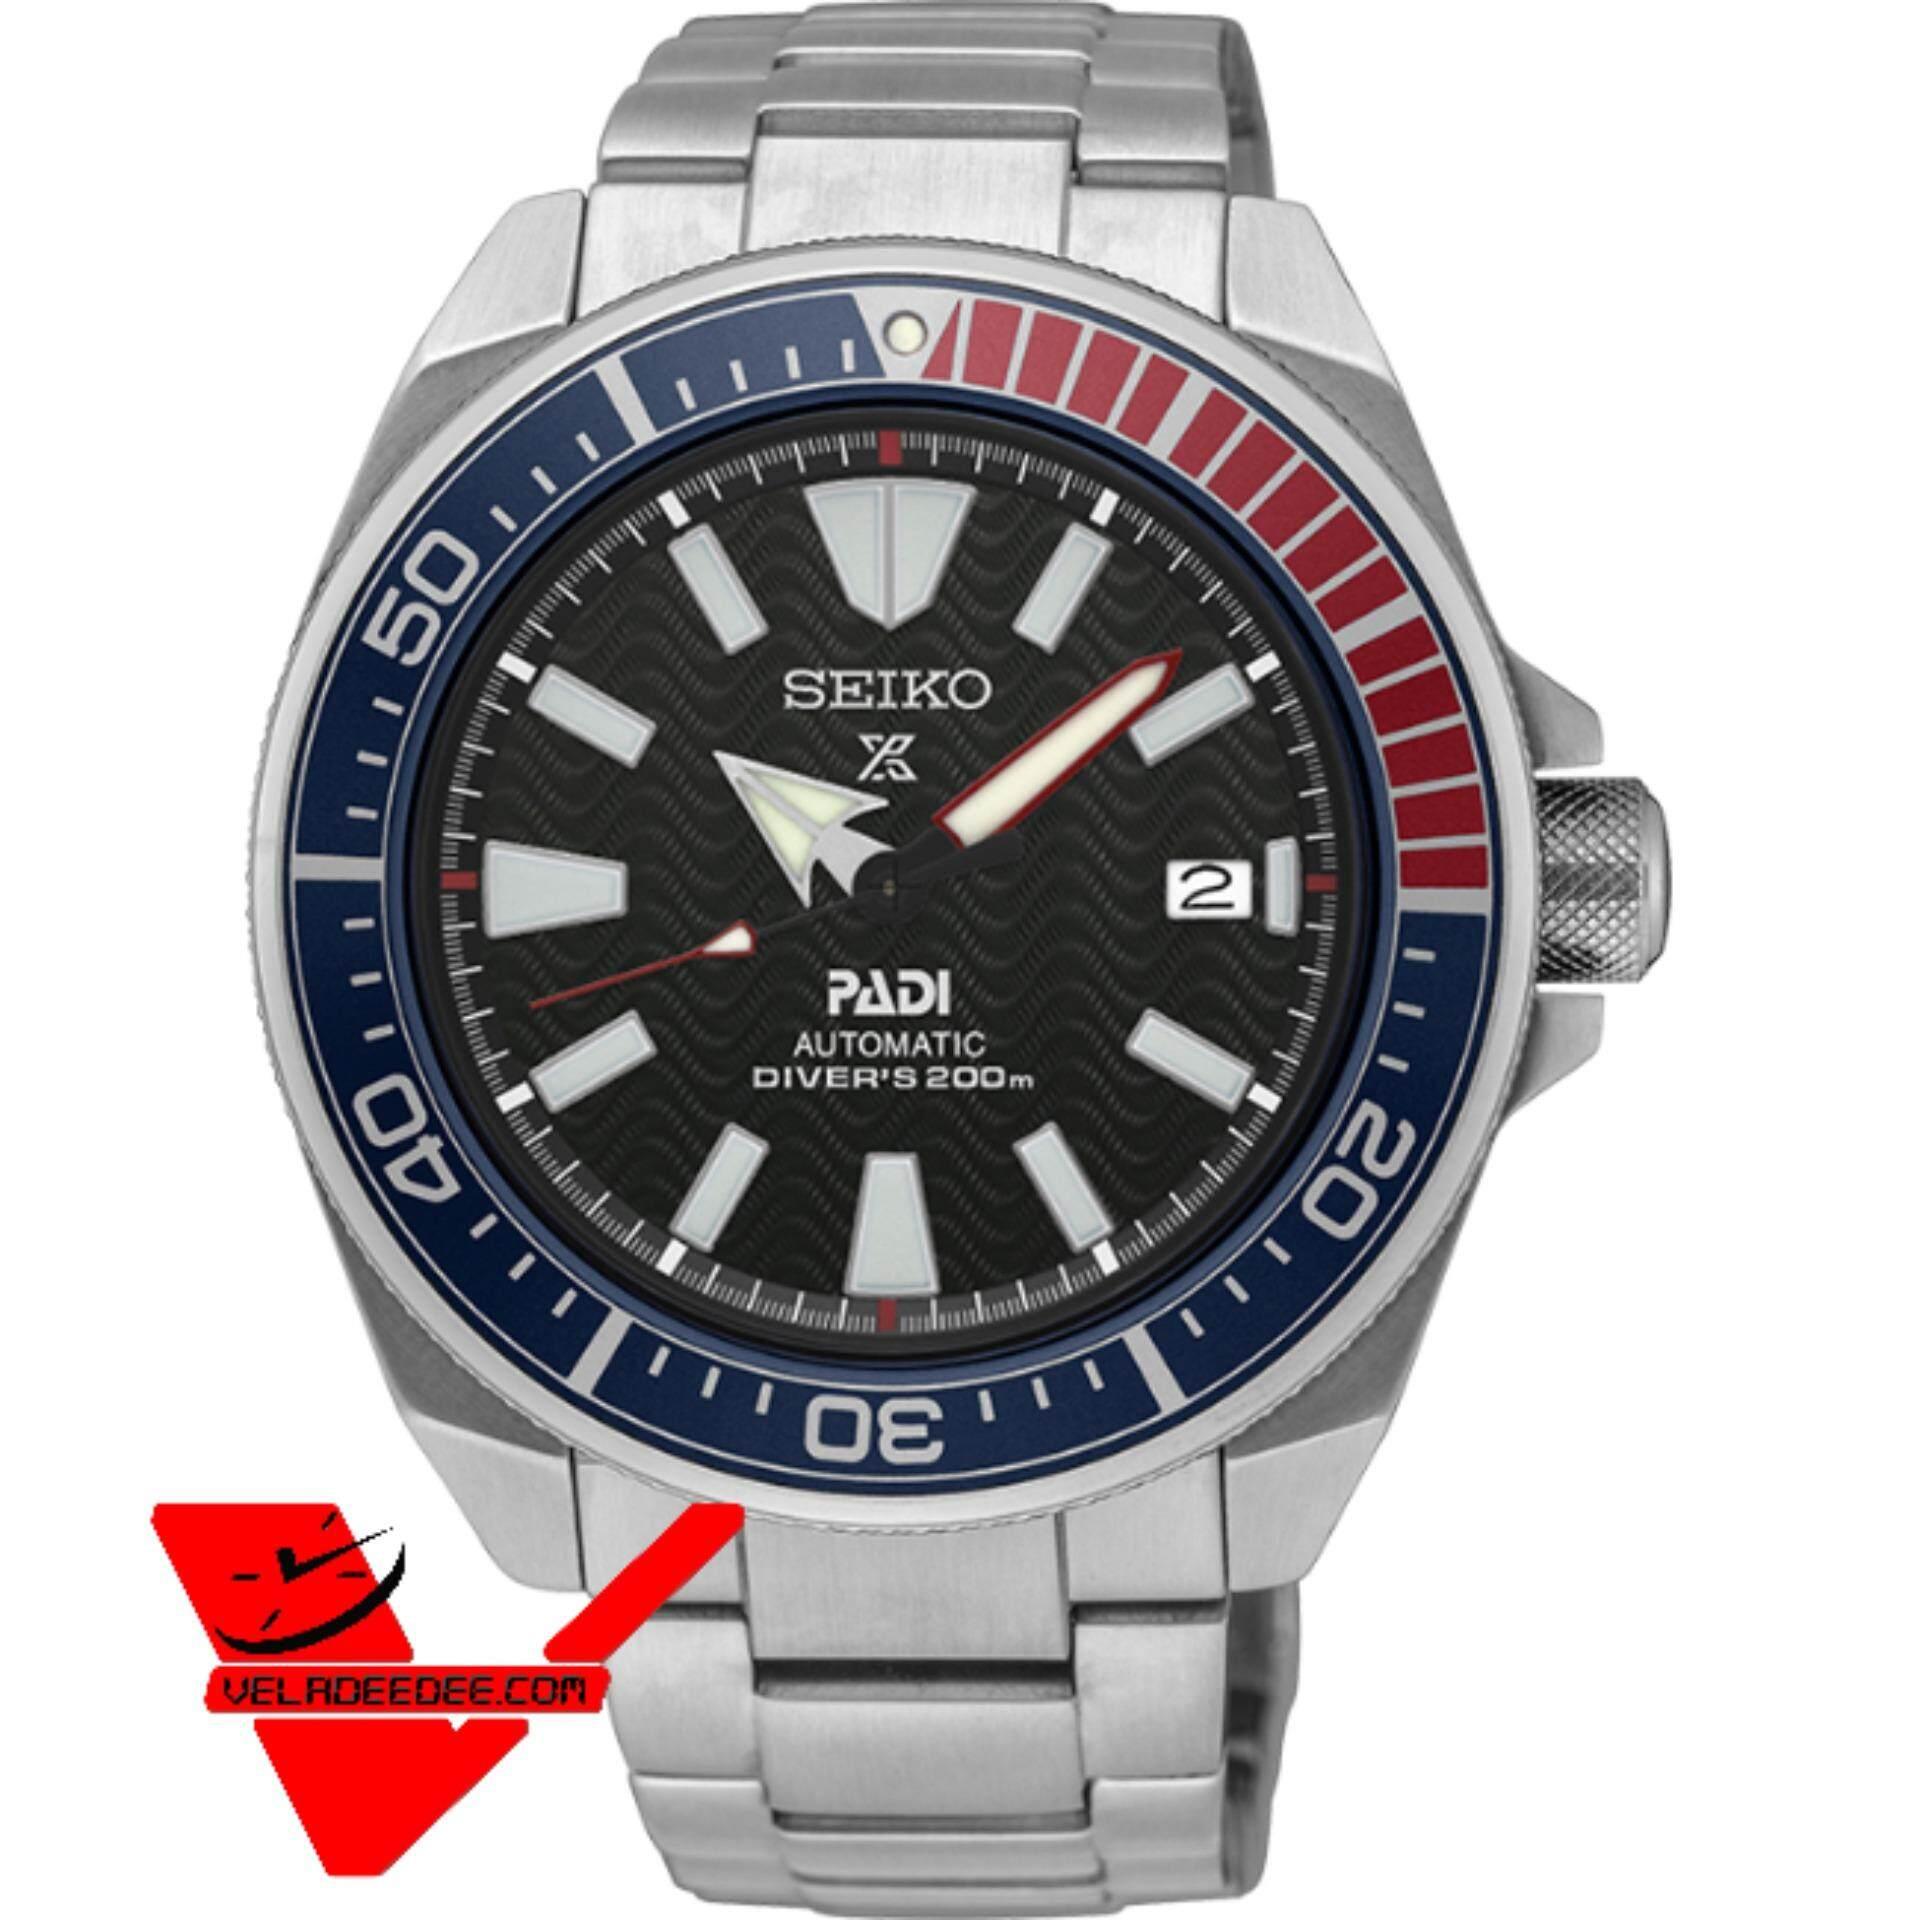 กาฬสินธุ์ Veladeedee นาฬิกา  SEIKO PROSPEX  Samurai PADI นาฬิกาข้อมือผู้ชาย สายสแตนเลส รุ่น SRPB99K1